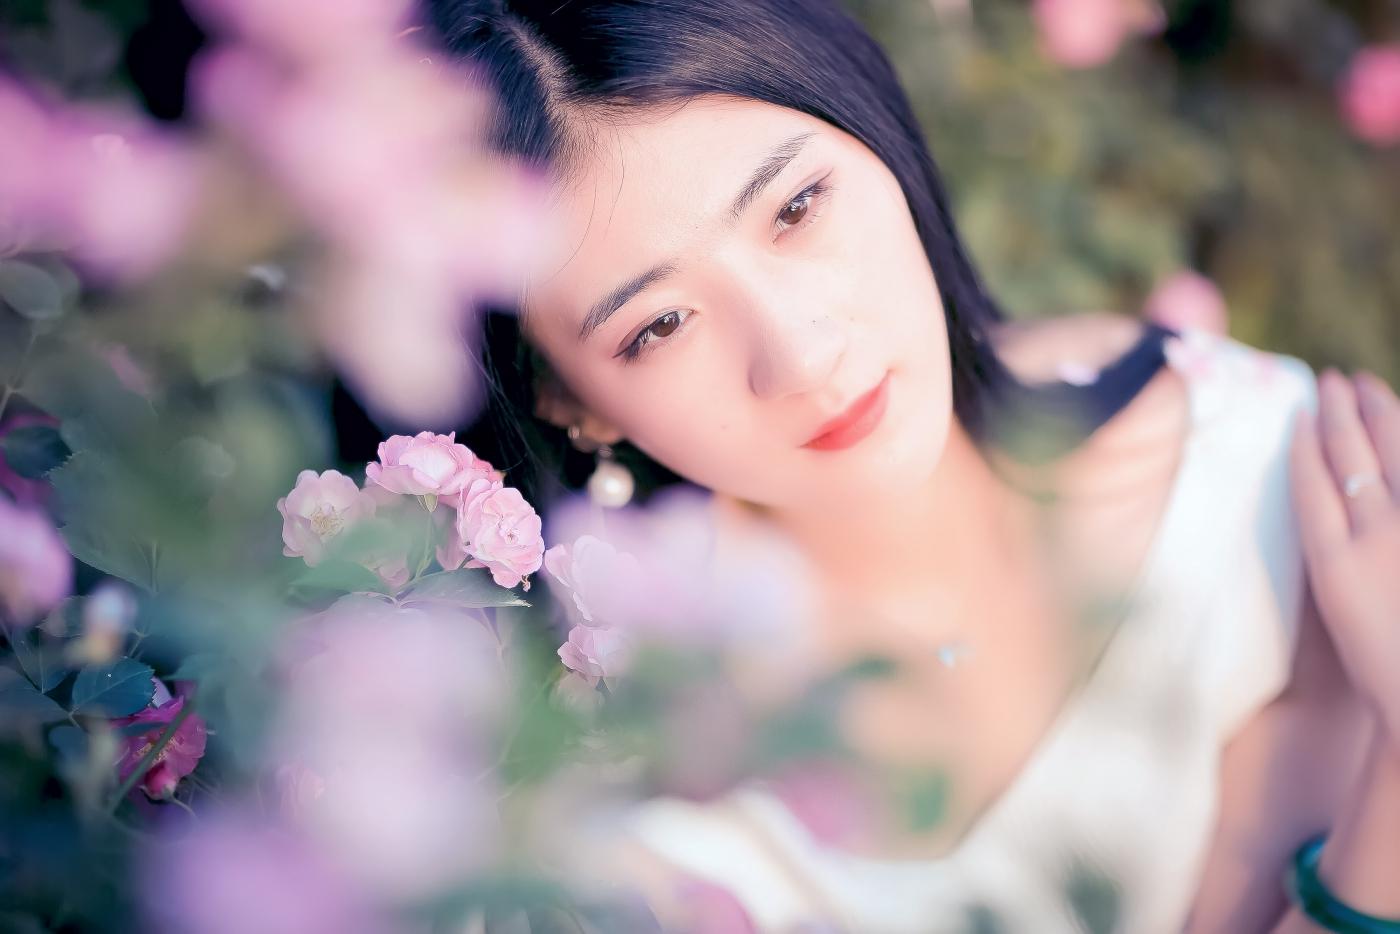 临沂大学有这么一道美丽的蔷薇长廊 当蔷薇MM王璐在她面前走过 ..._图1-14